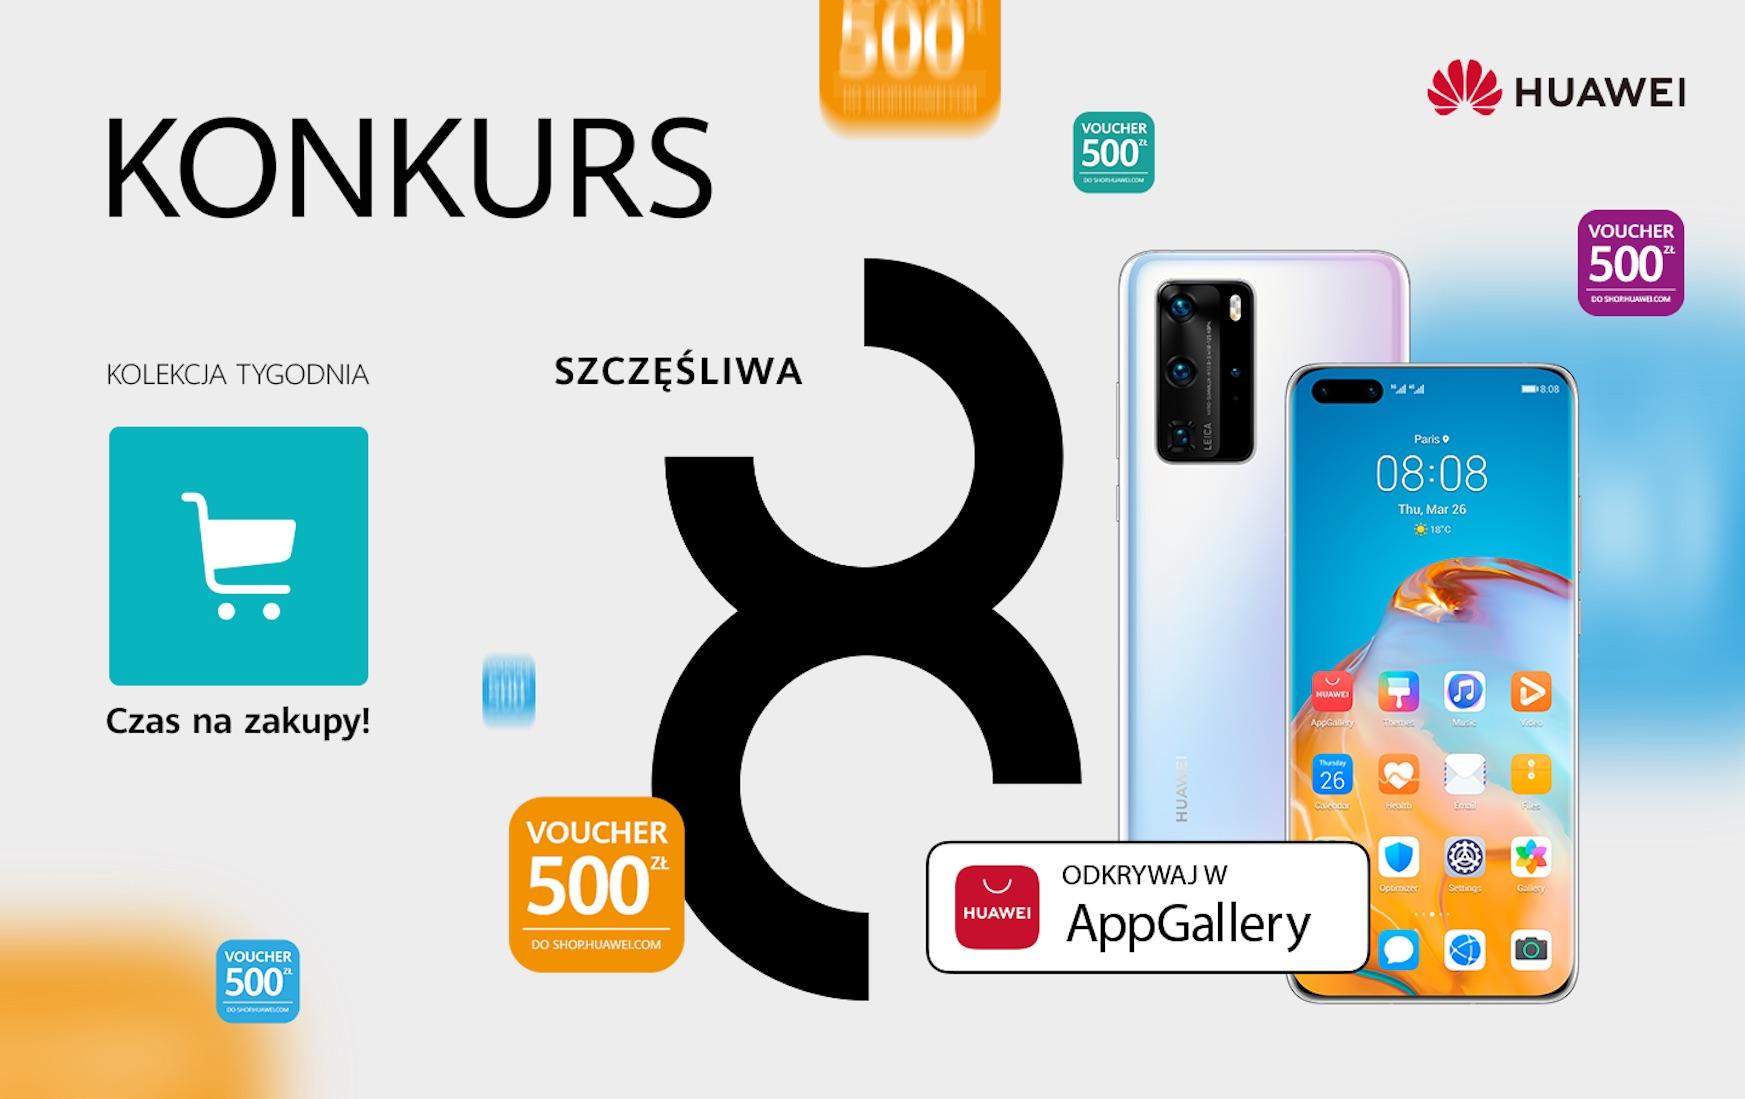 konkurs Huawei Szczesliwa 8